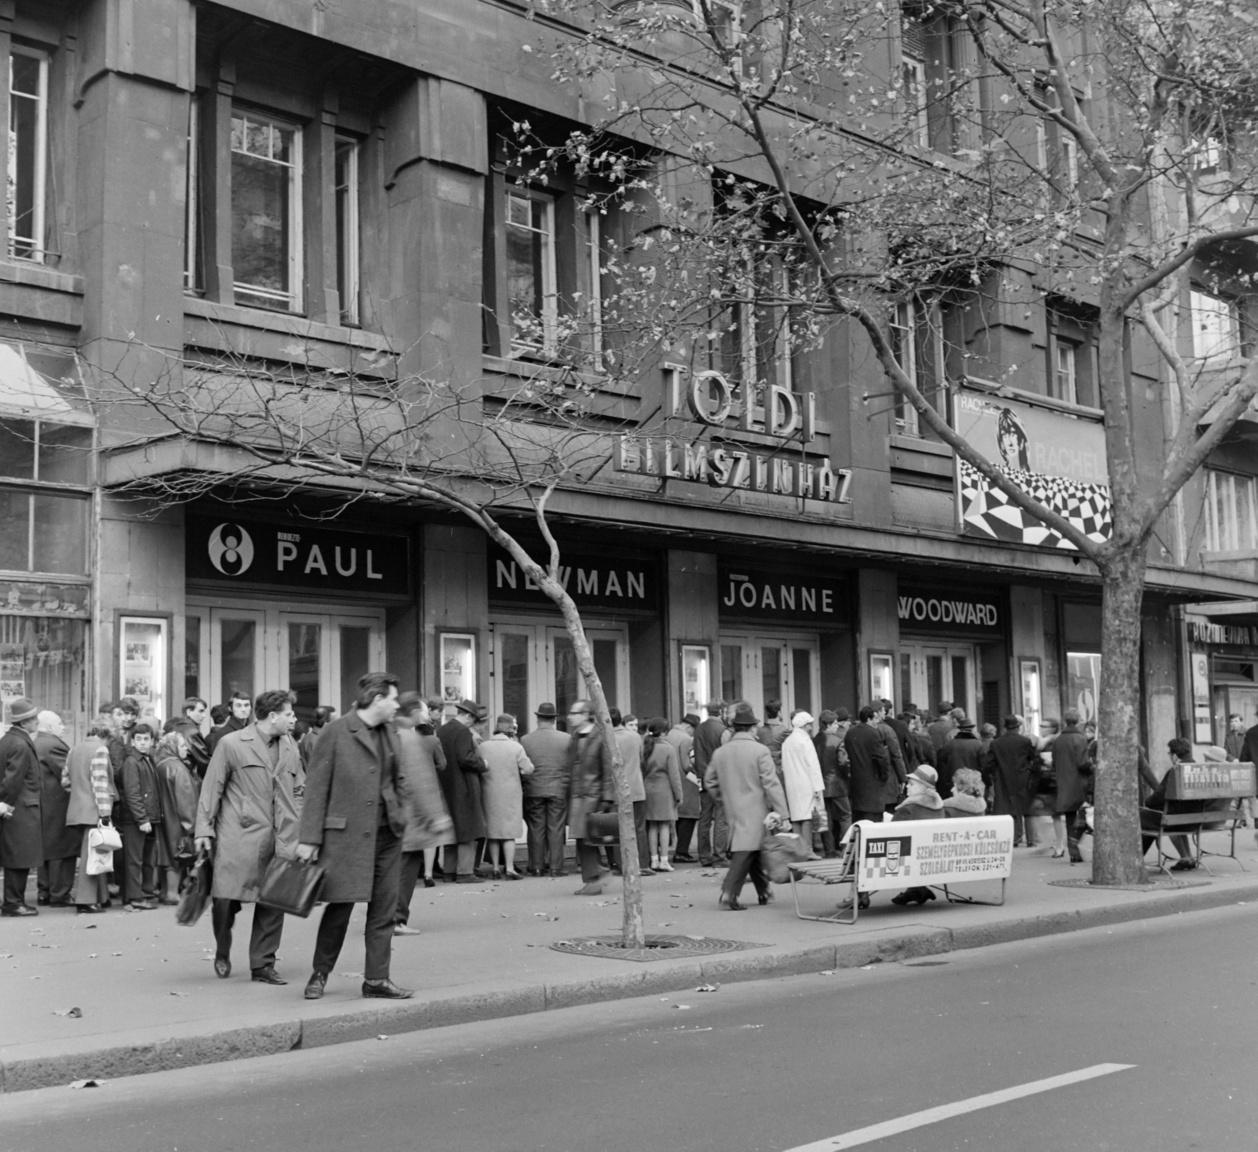 A Toldi filmszínház előtt sorok állnak, feltehetően a plakáton hirdetett, kétszeres Golden Globe díjazott Rachel, Rachel című amerikai film miatt (R. Paul Newman, 1968). A padok háttámláin angol-magyar nyelvű hirdetés: Taxi. RENT A CAR. Személygépkocsi-kölcsönző szolgálat és Ruhatisztító Szövetkezet. A két fiatal férfi éppen a forgalmat figyeli mielőtt átvágna (szabálytalanul) a Bajcsy-Zsilinszky úton. A filmet itthon 1970-ben tűzték műsorra a mozik.